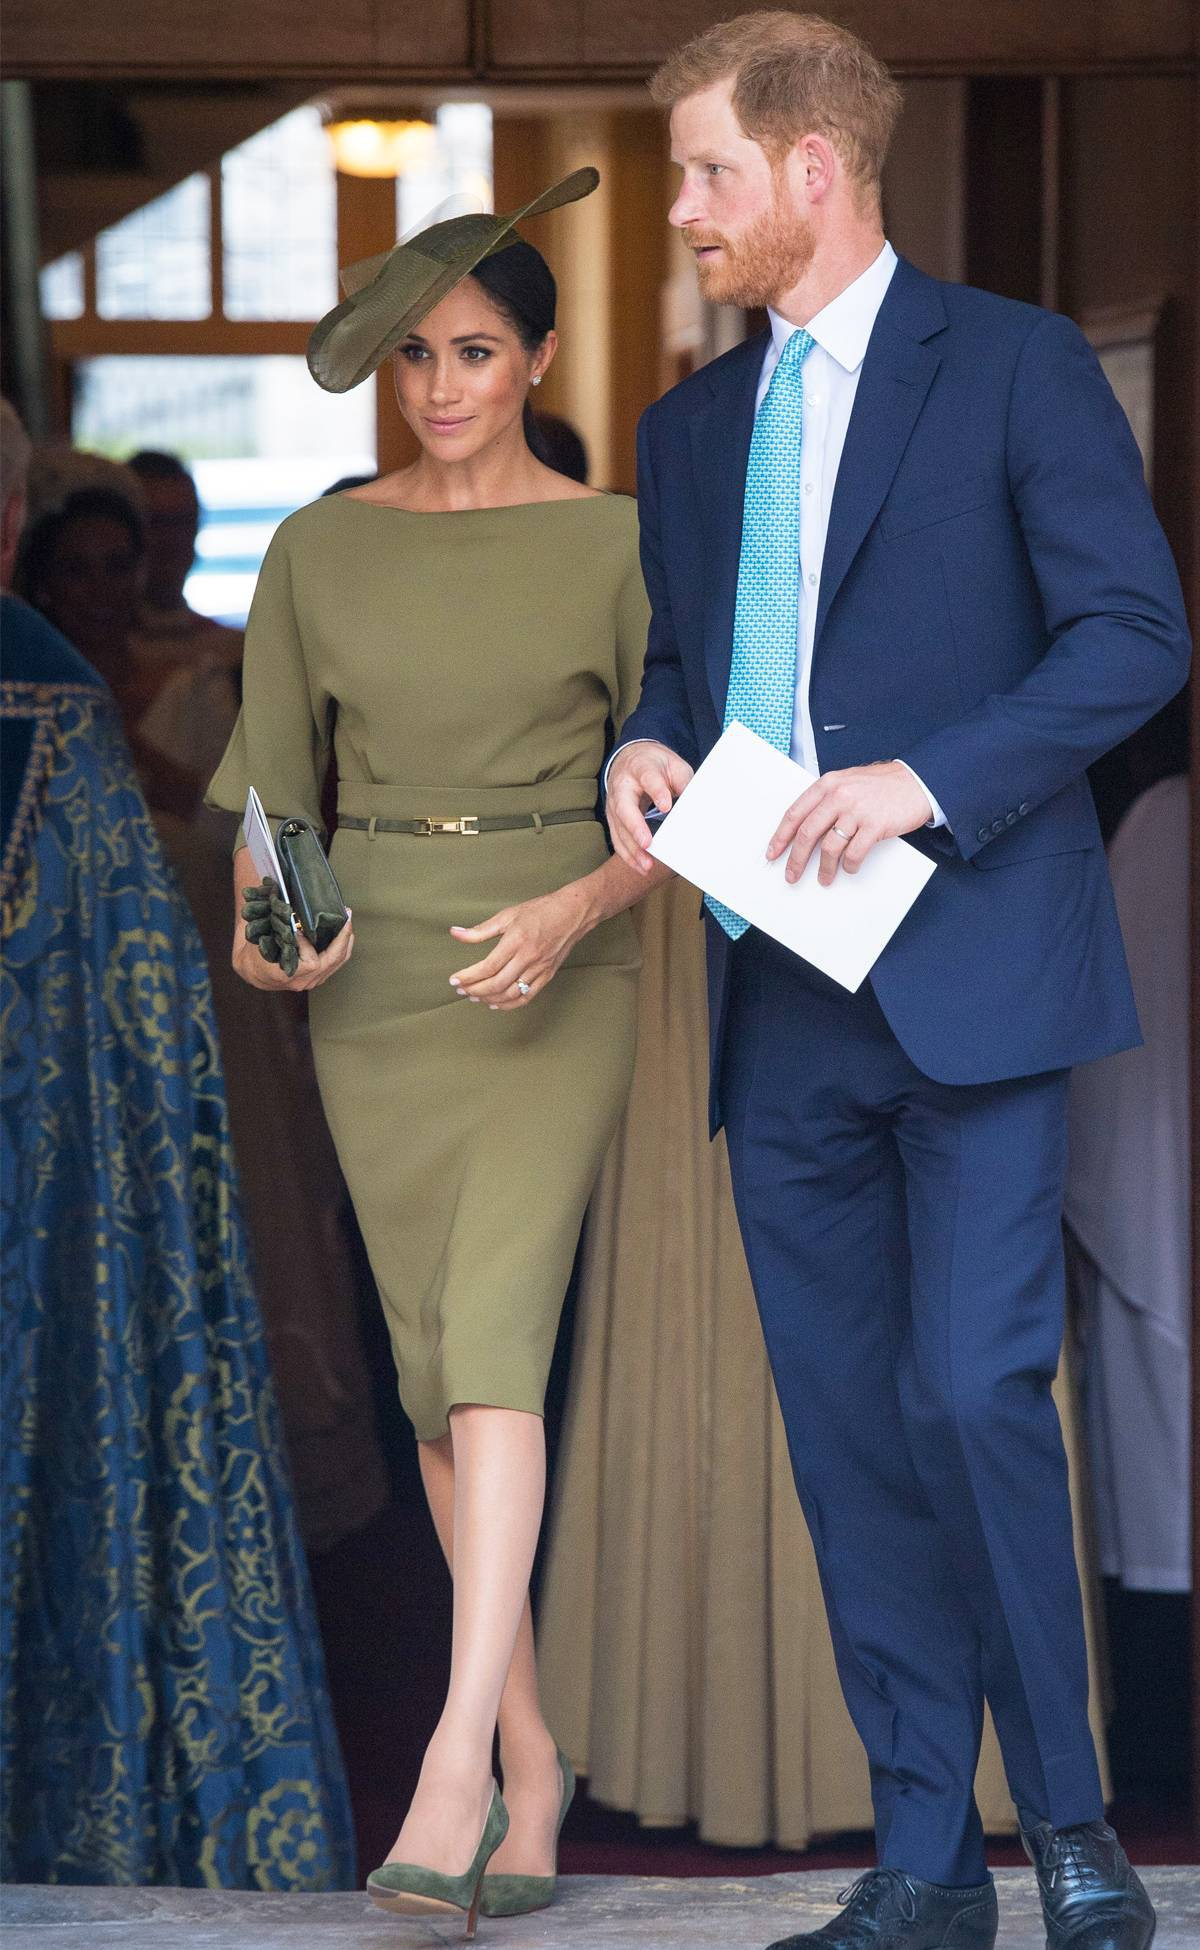 Ai cũng muốn như Meghan Markle: thích kiểu váy nào là mua mỗi hãng một chiếc, lại toàn là hãng cao cấp - Ảnh 5.